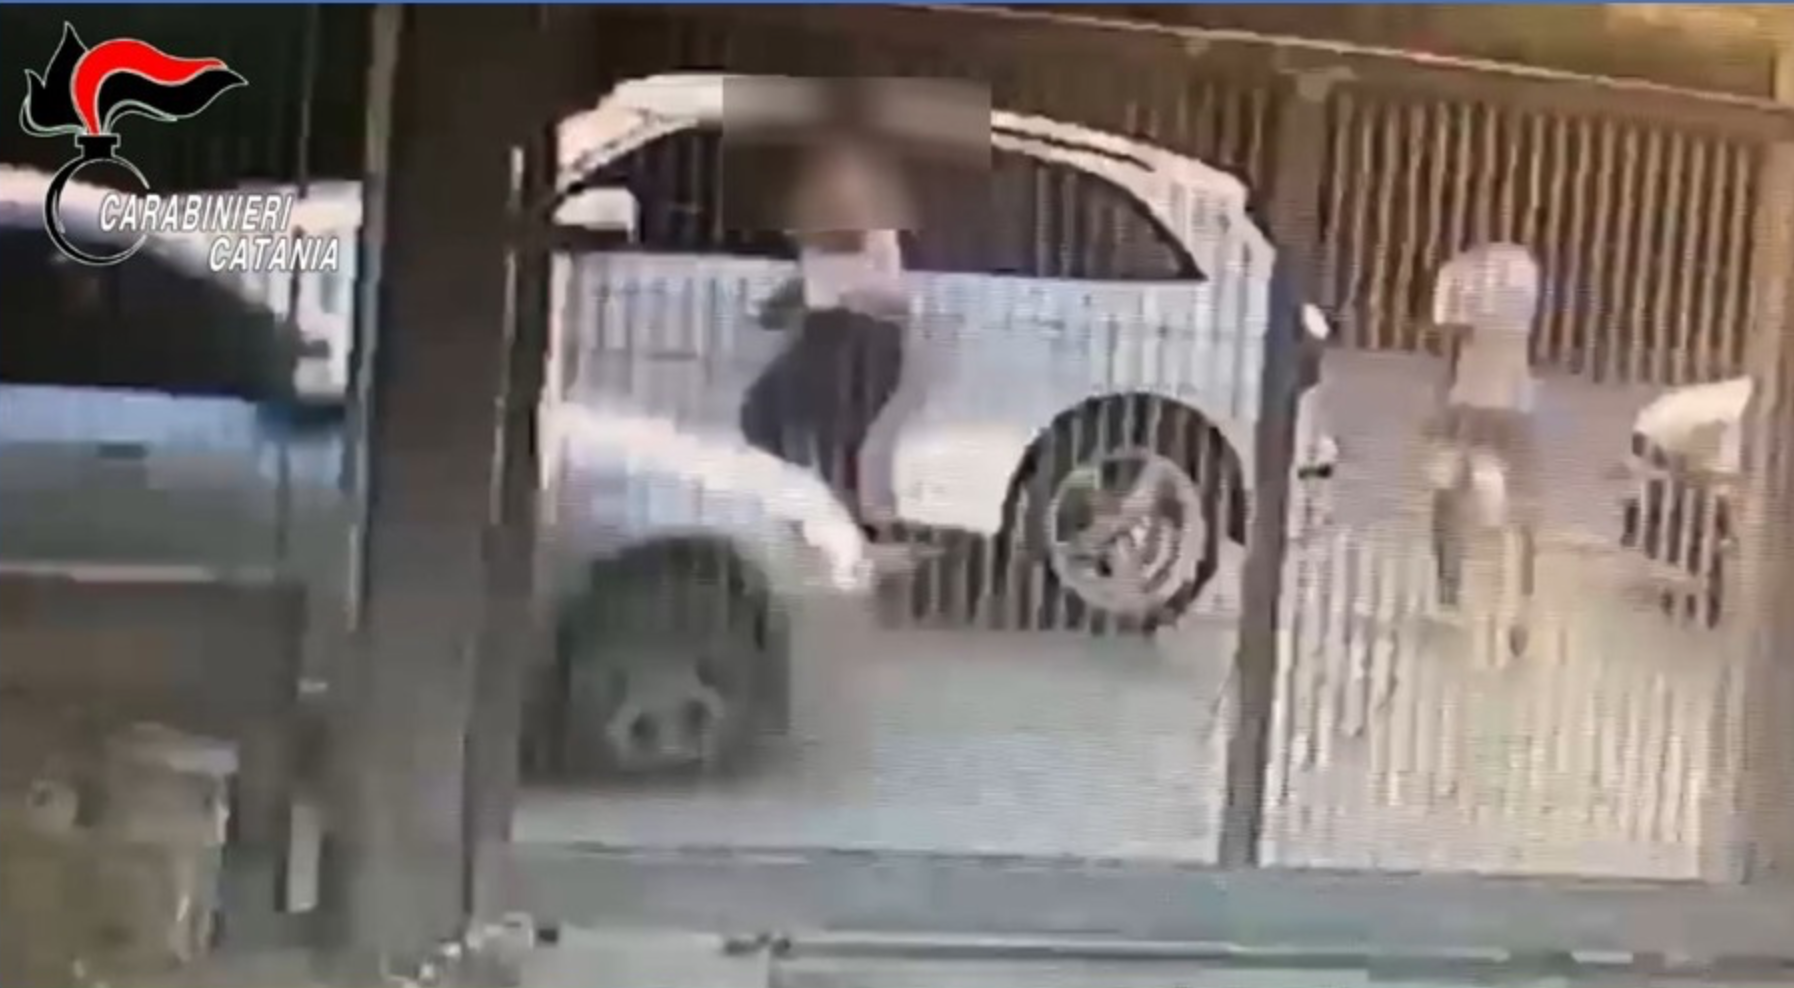 In auto tenta di travolgere cognato che lo accoltella: 2 arresti a Palagonia